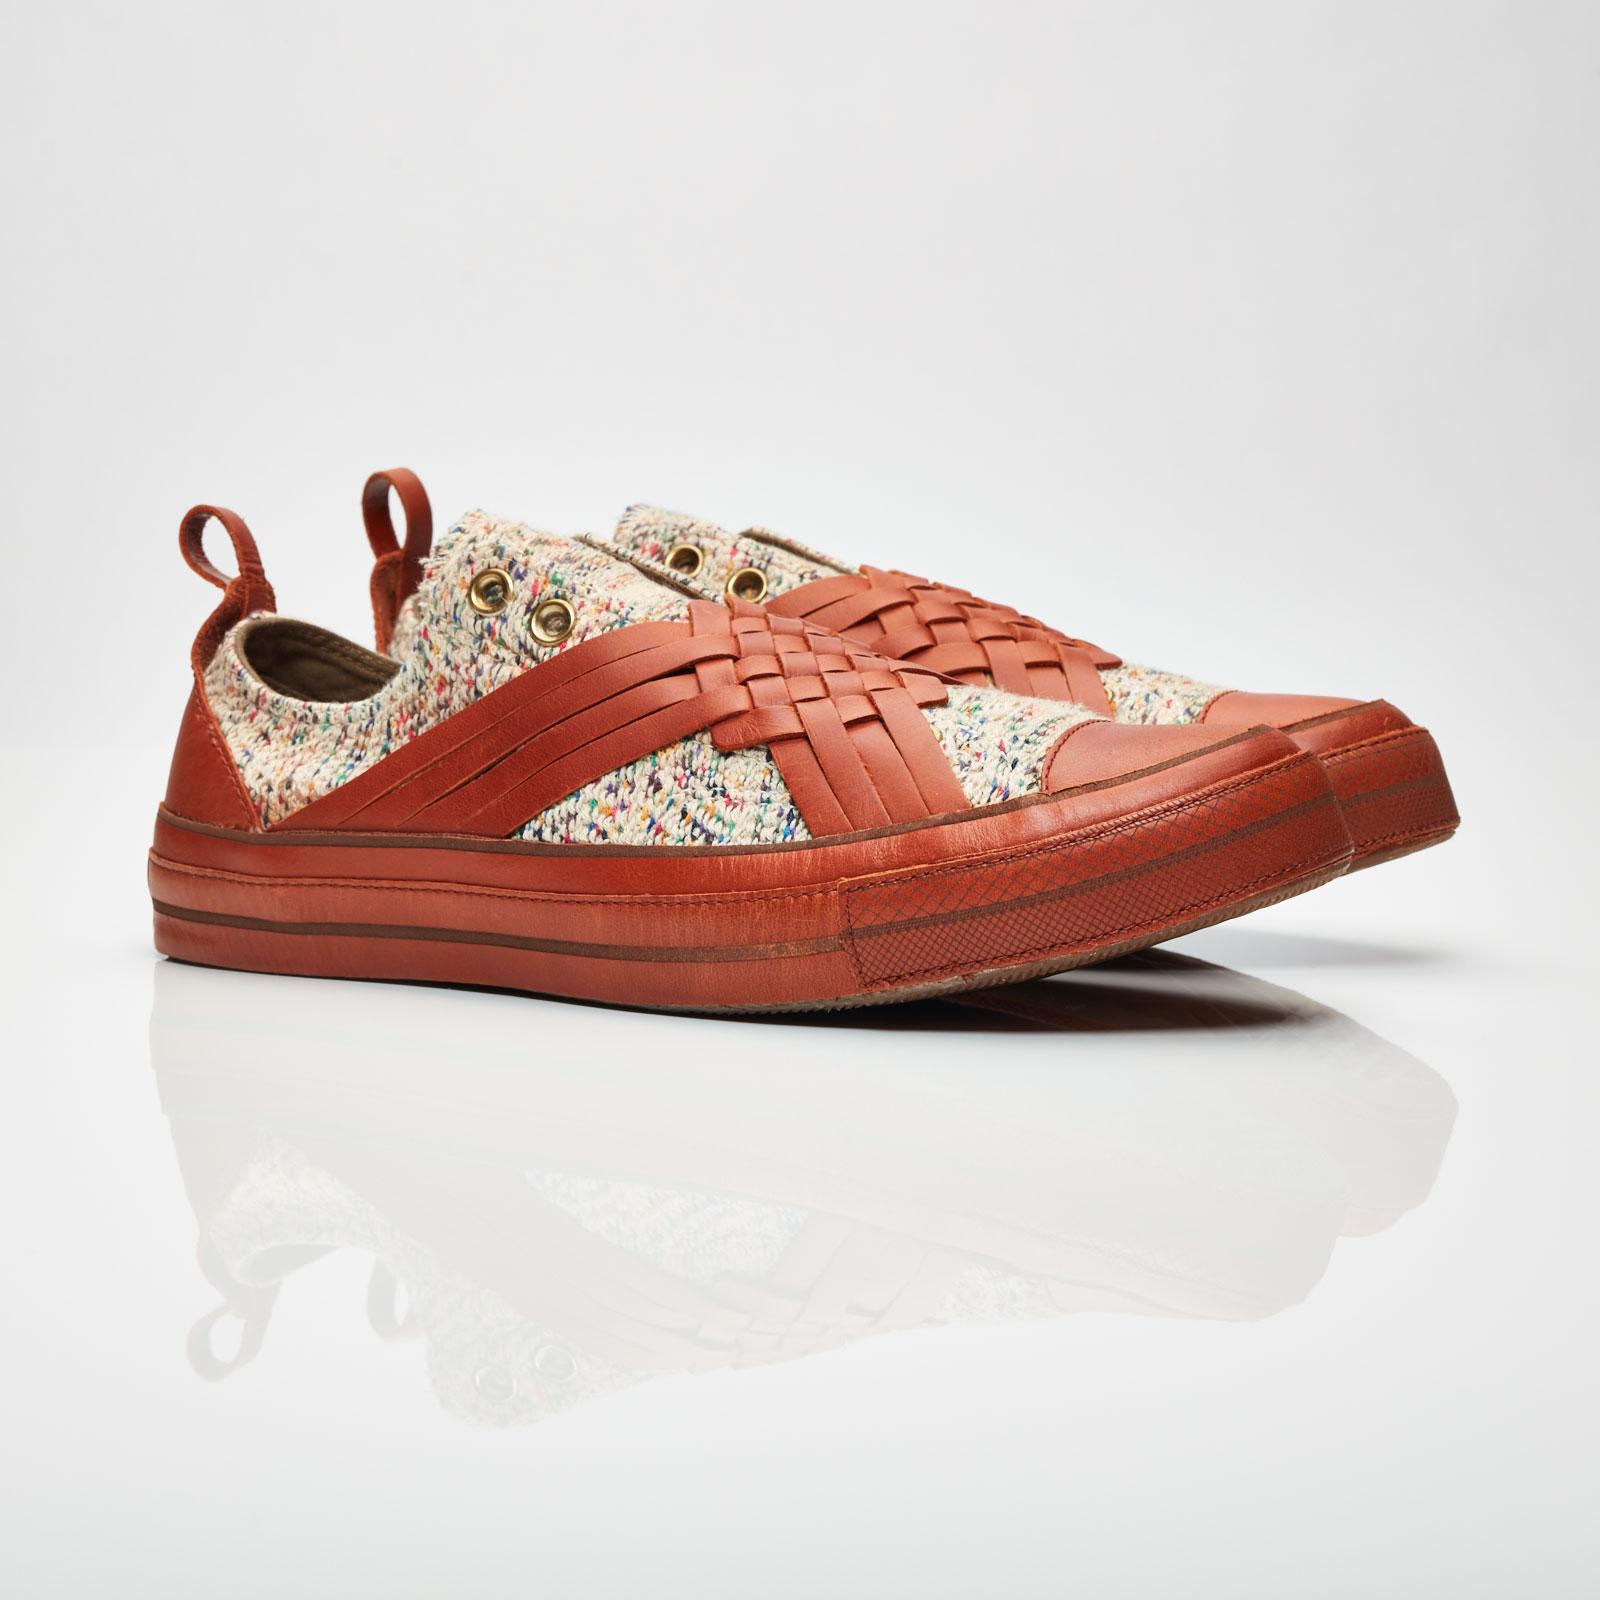 99e709ce0bde Converse Chuck 70s Slip x Missoni - 157258c - Sneakersnstuff ...